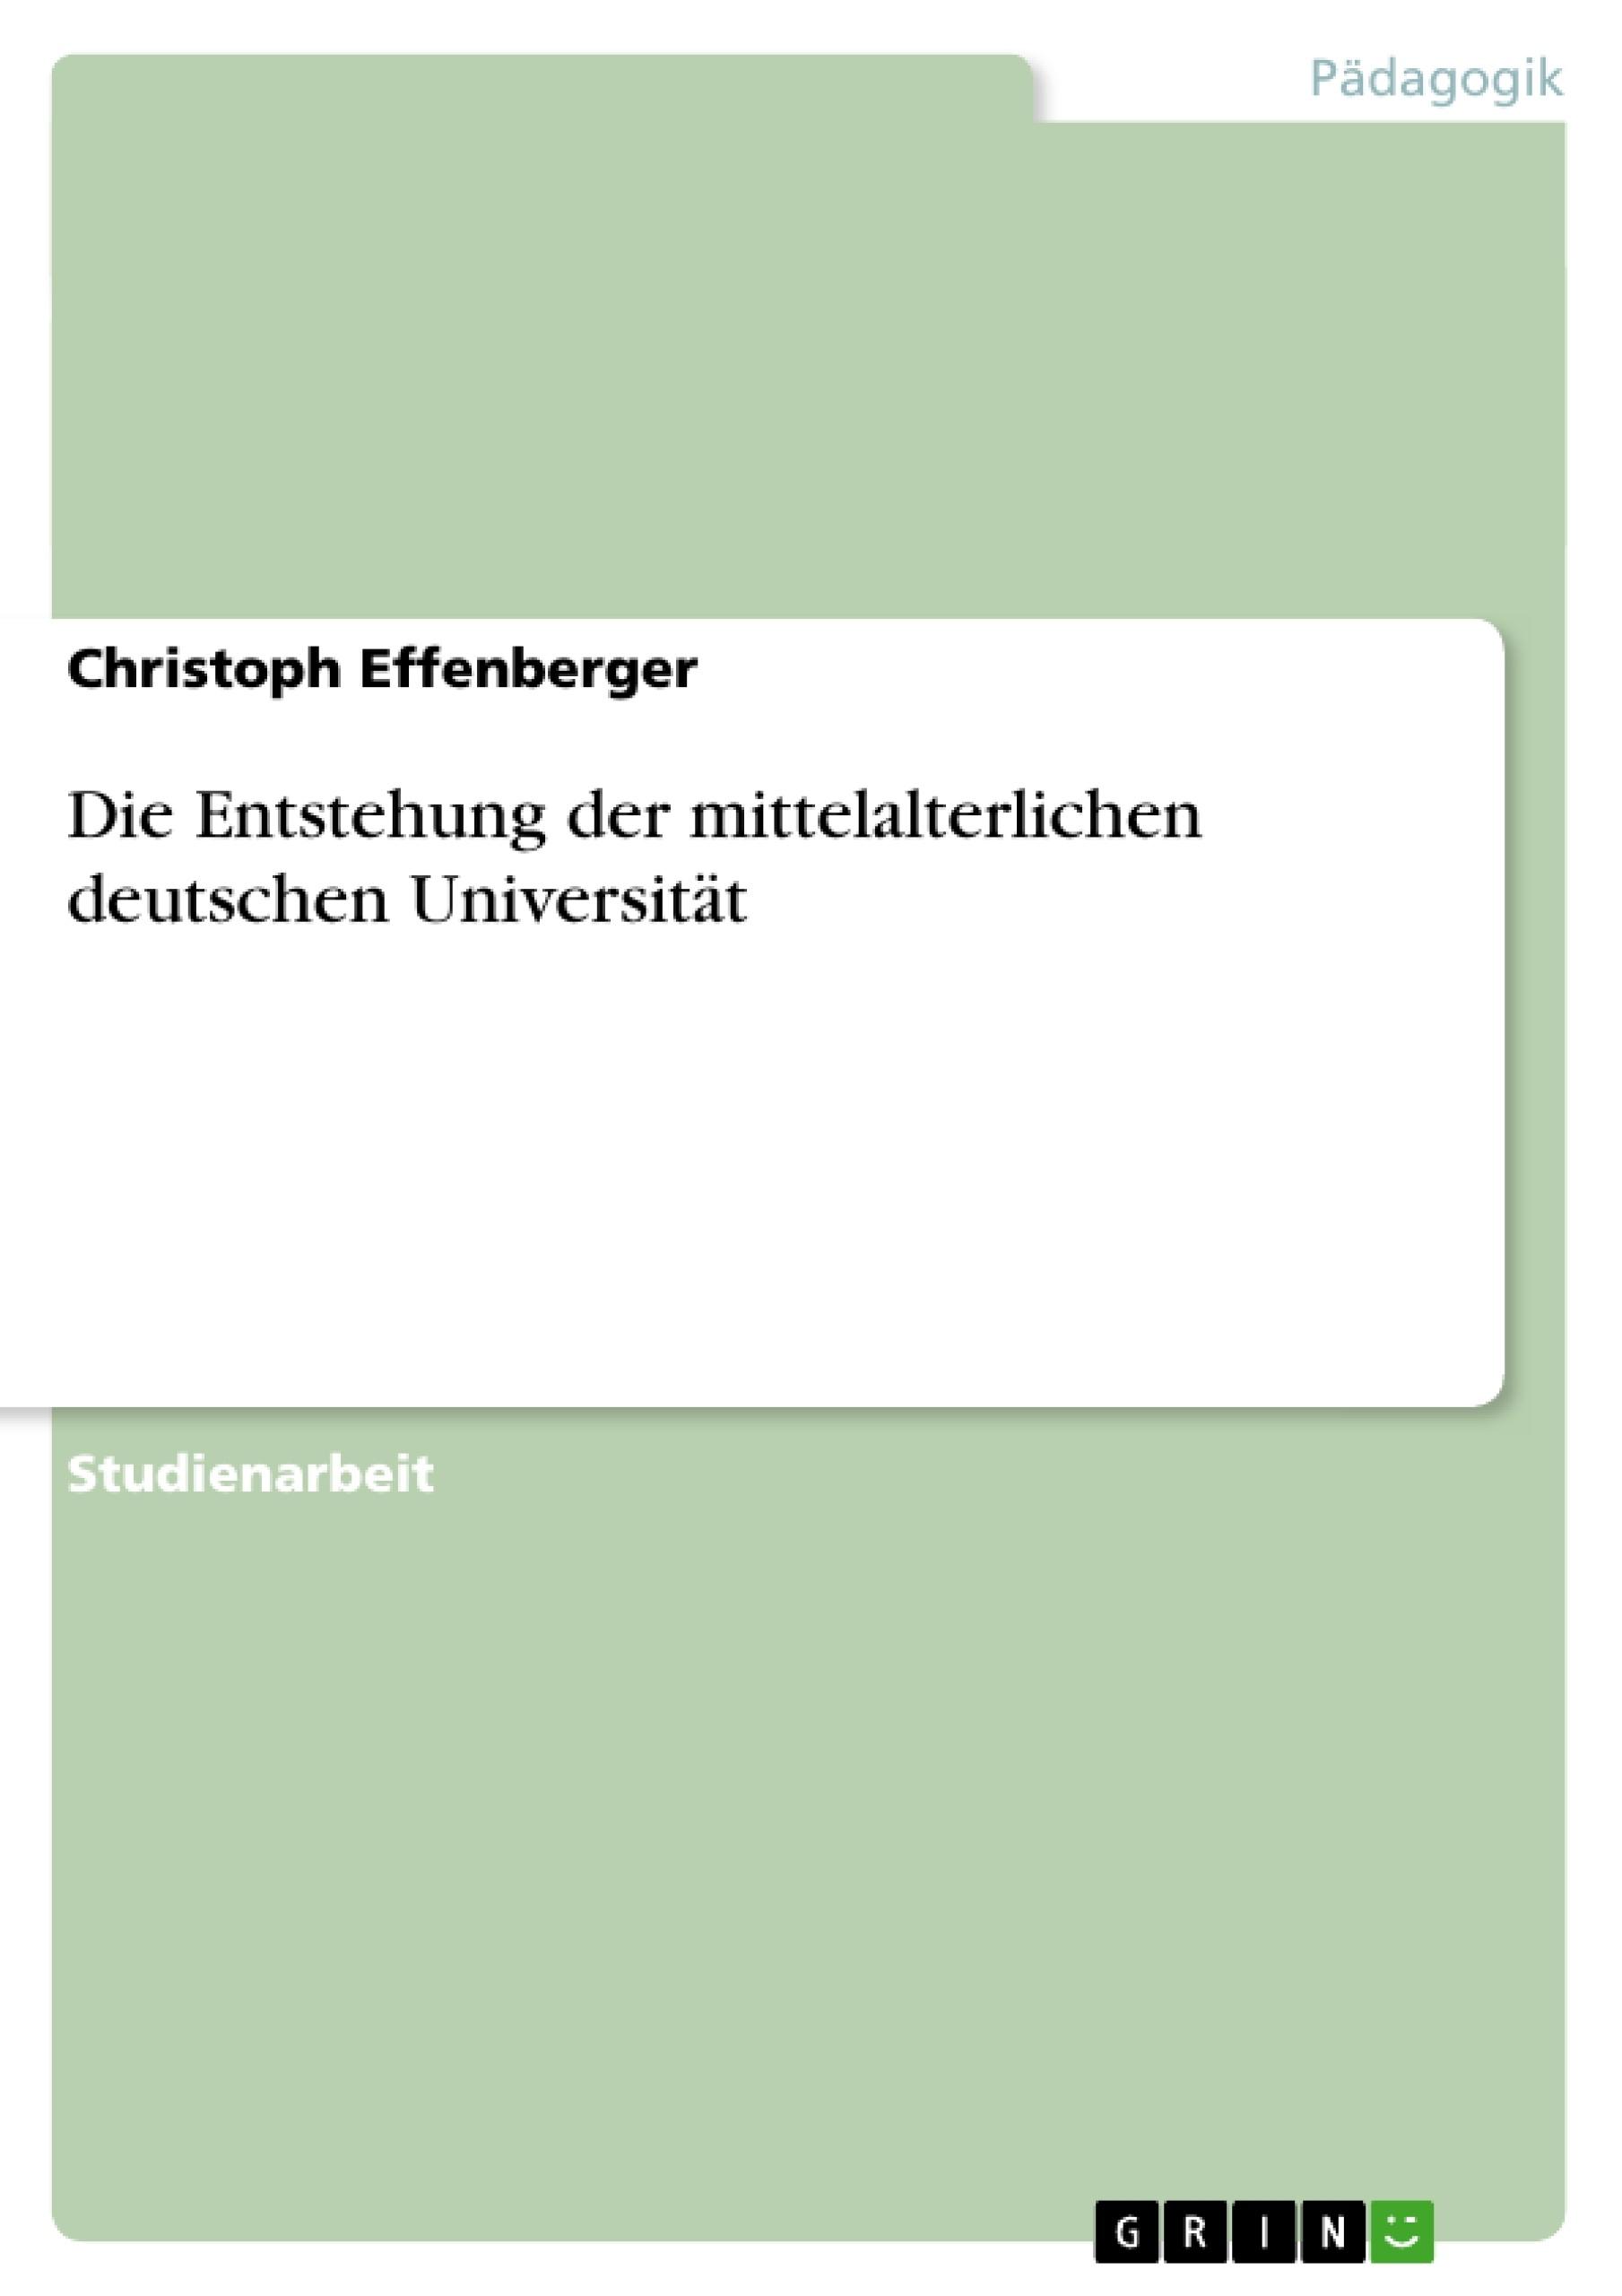 Titel: Die Entstehung der mittelalterlichen deutschen Universität